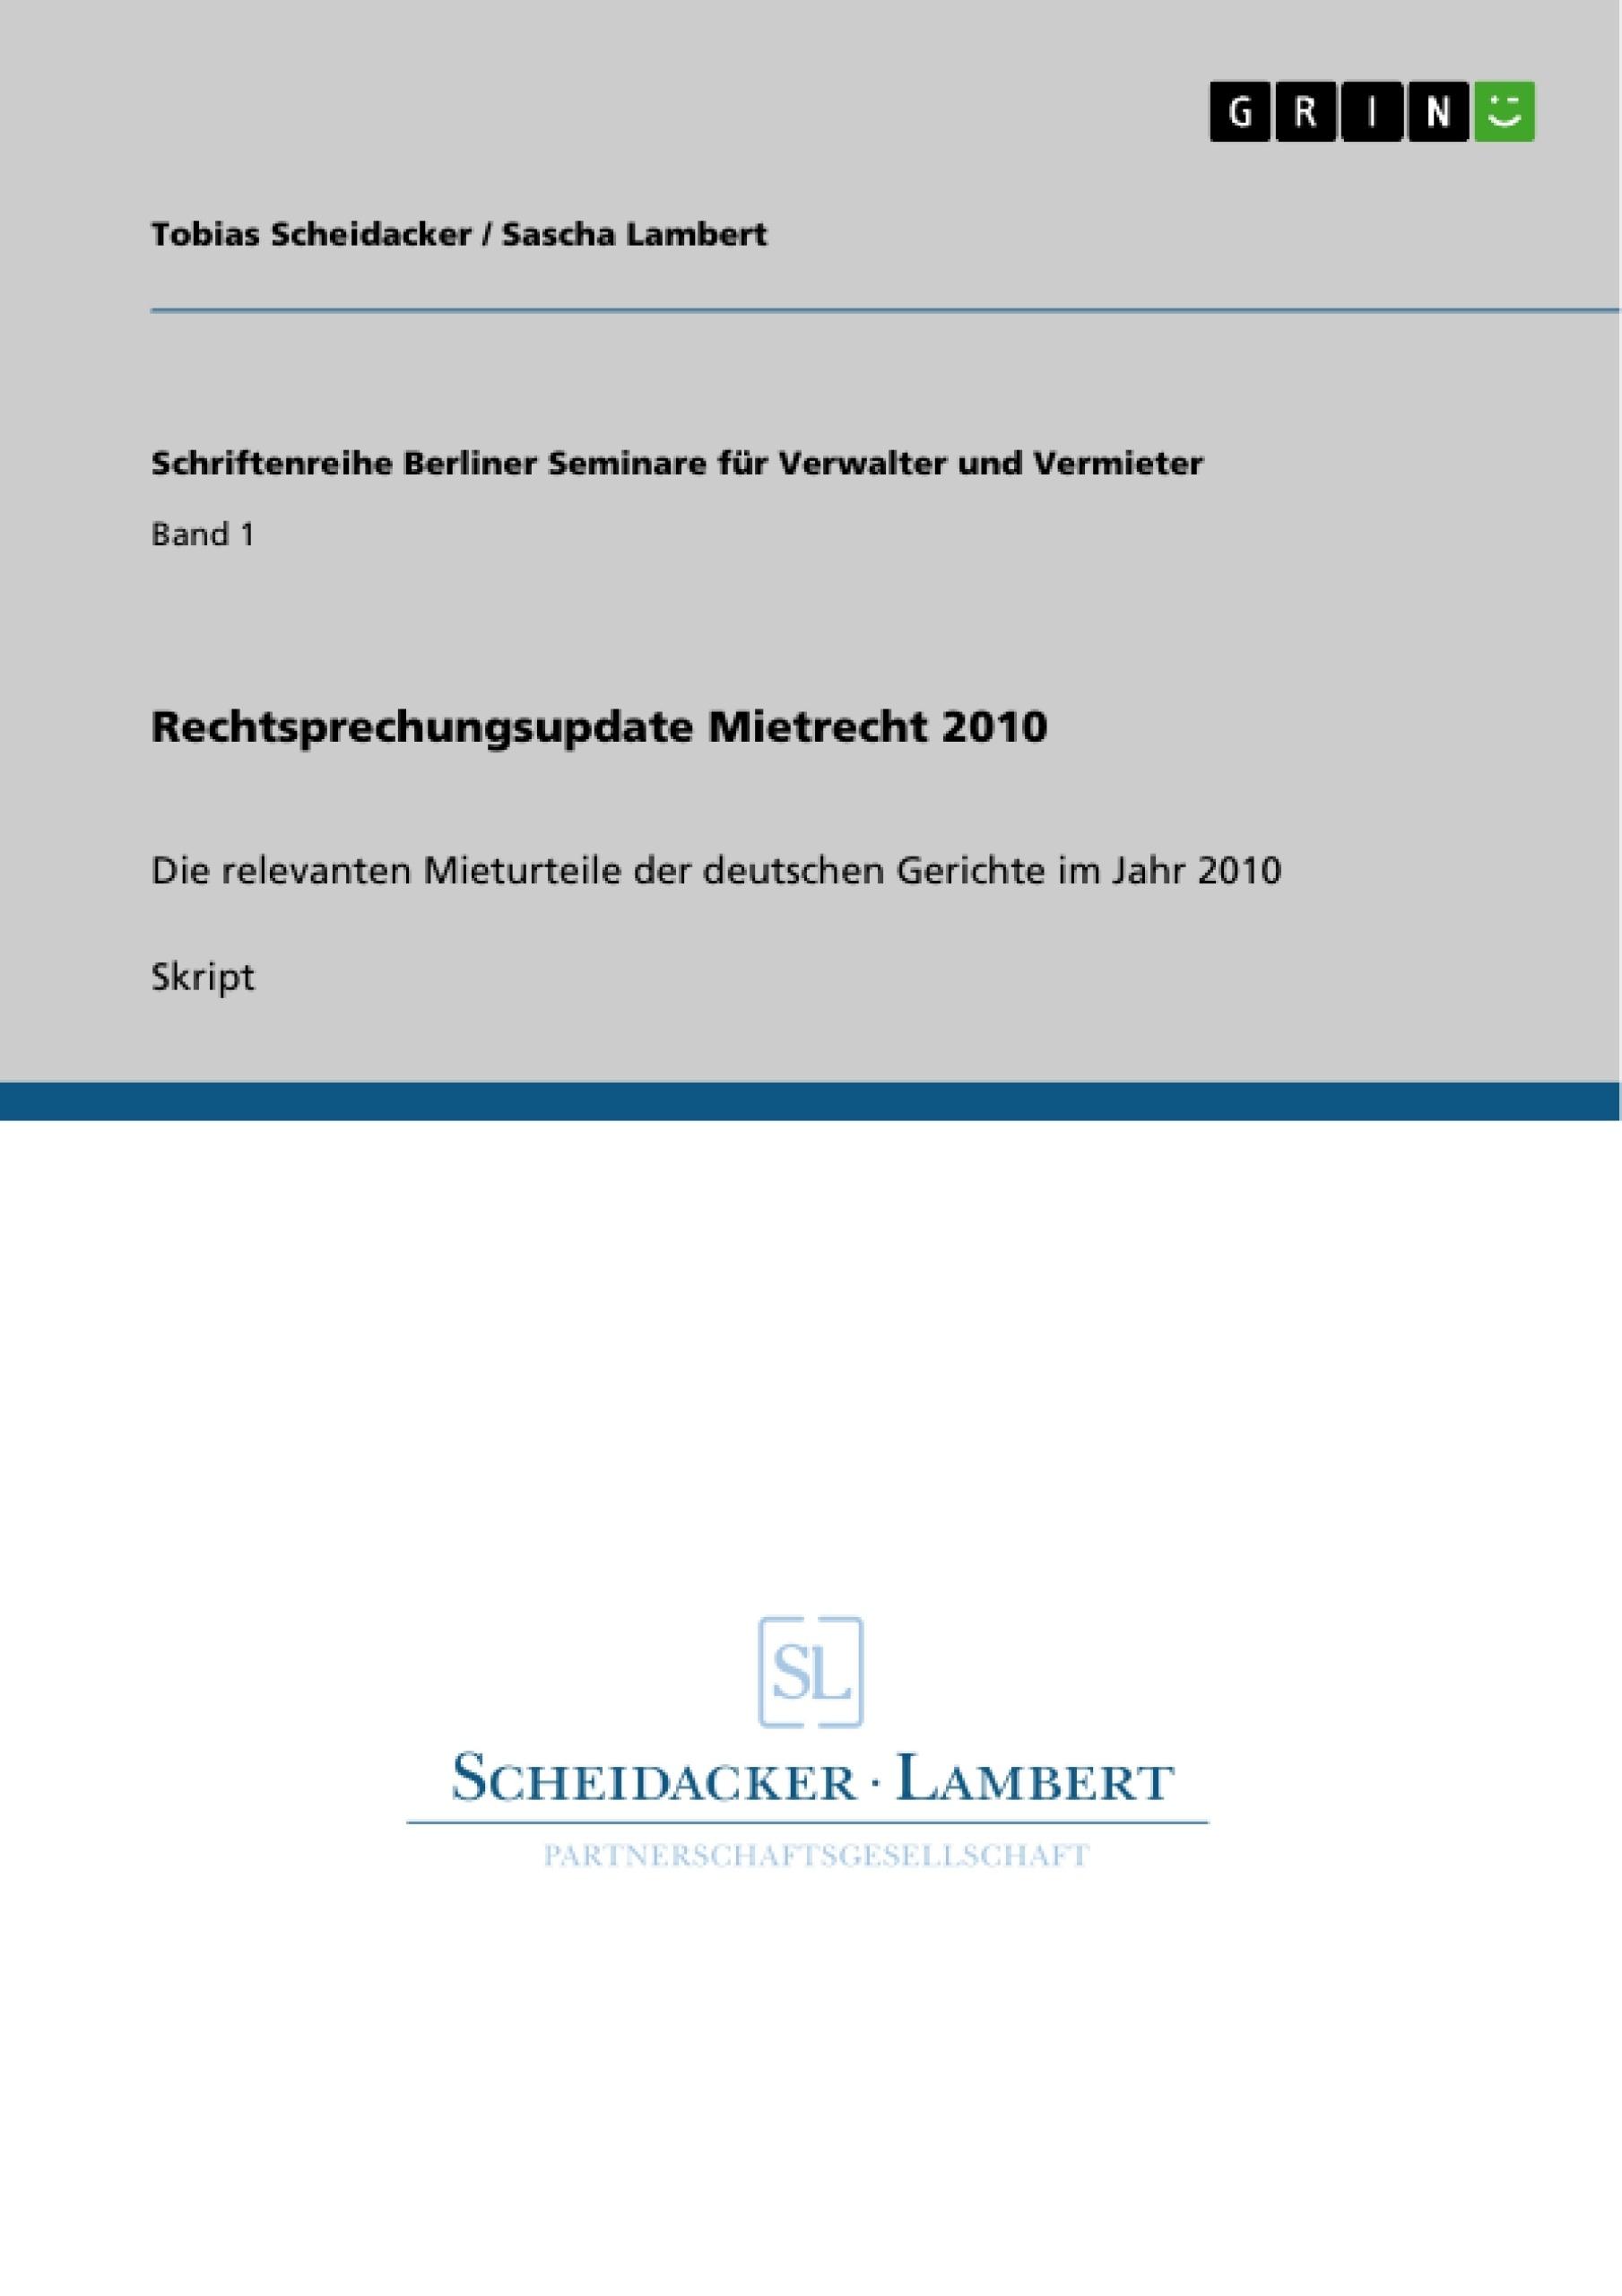 Titel: Rechtsprechungsupdate Mietrecht 2010